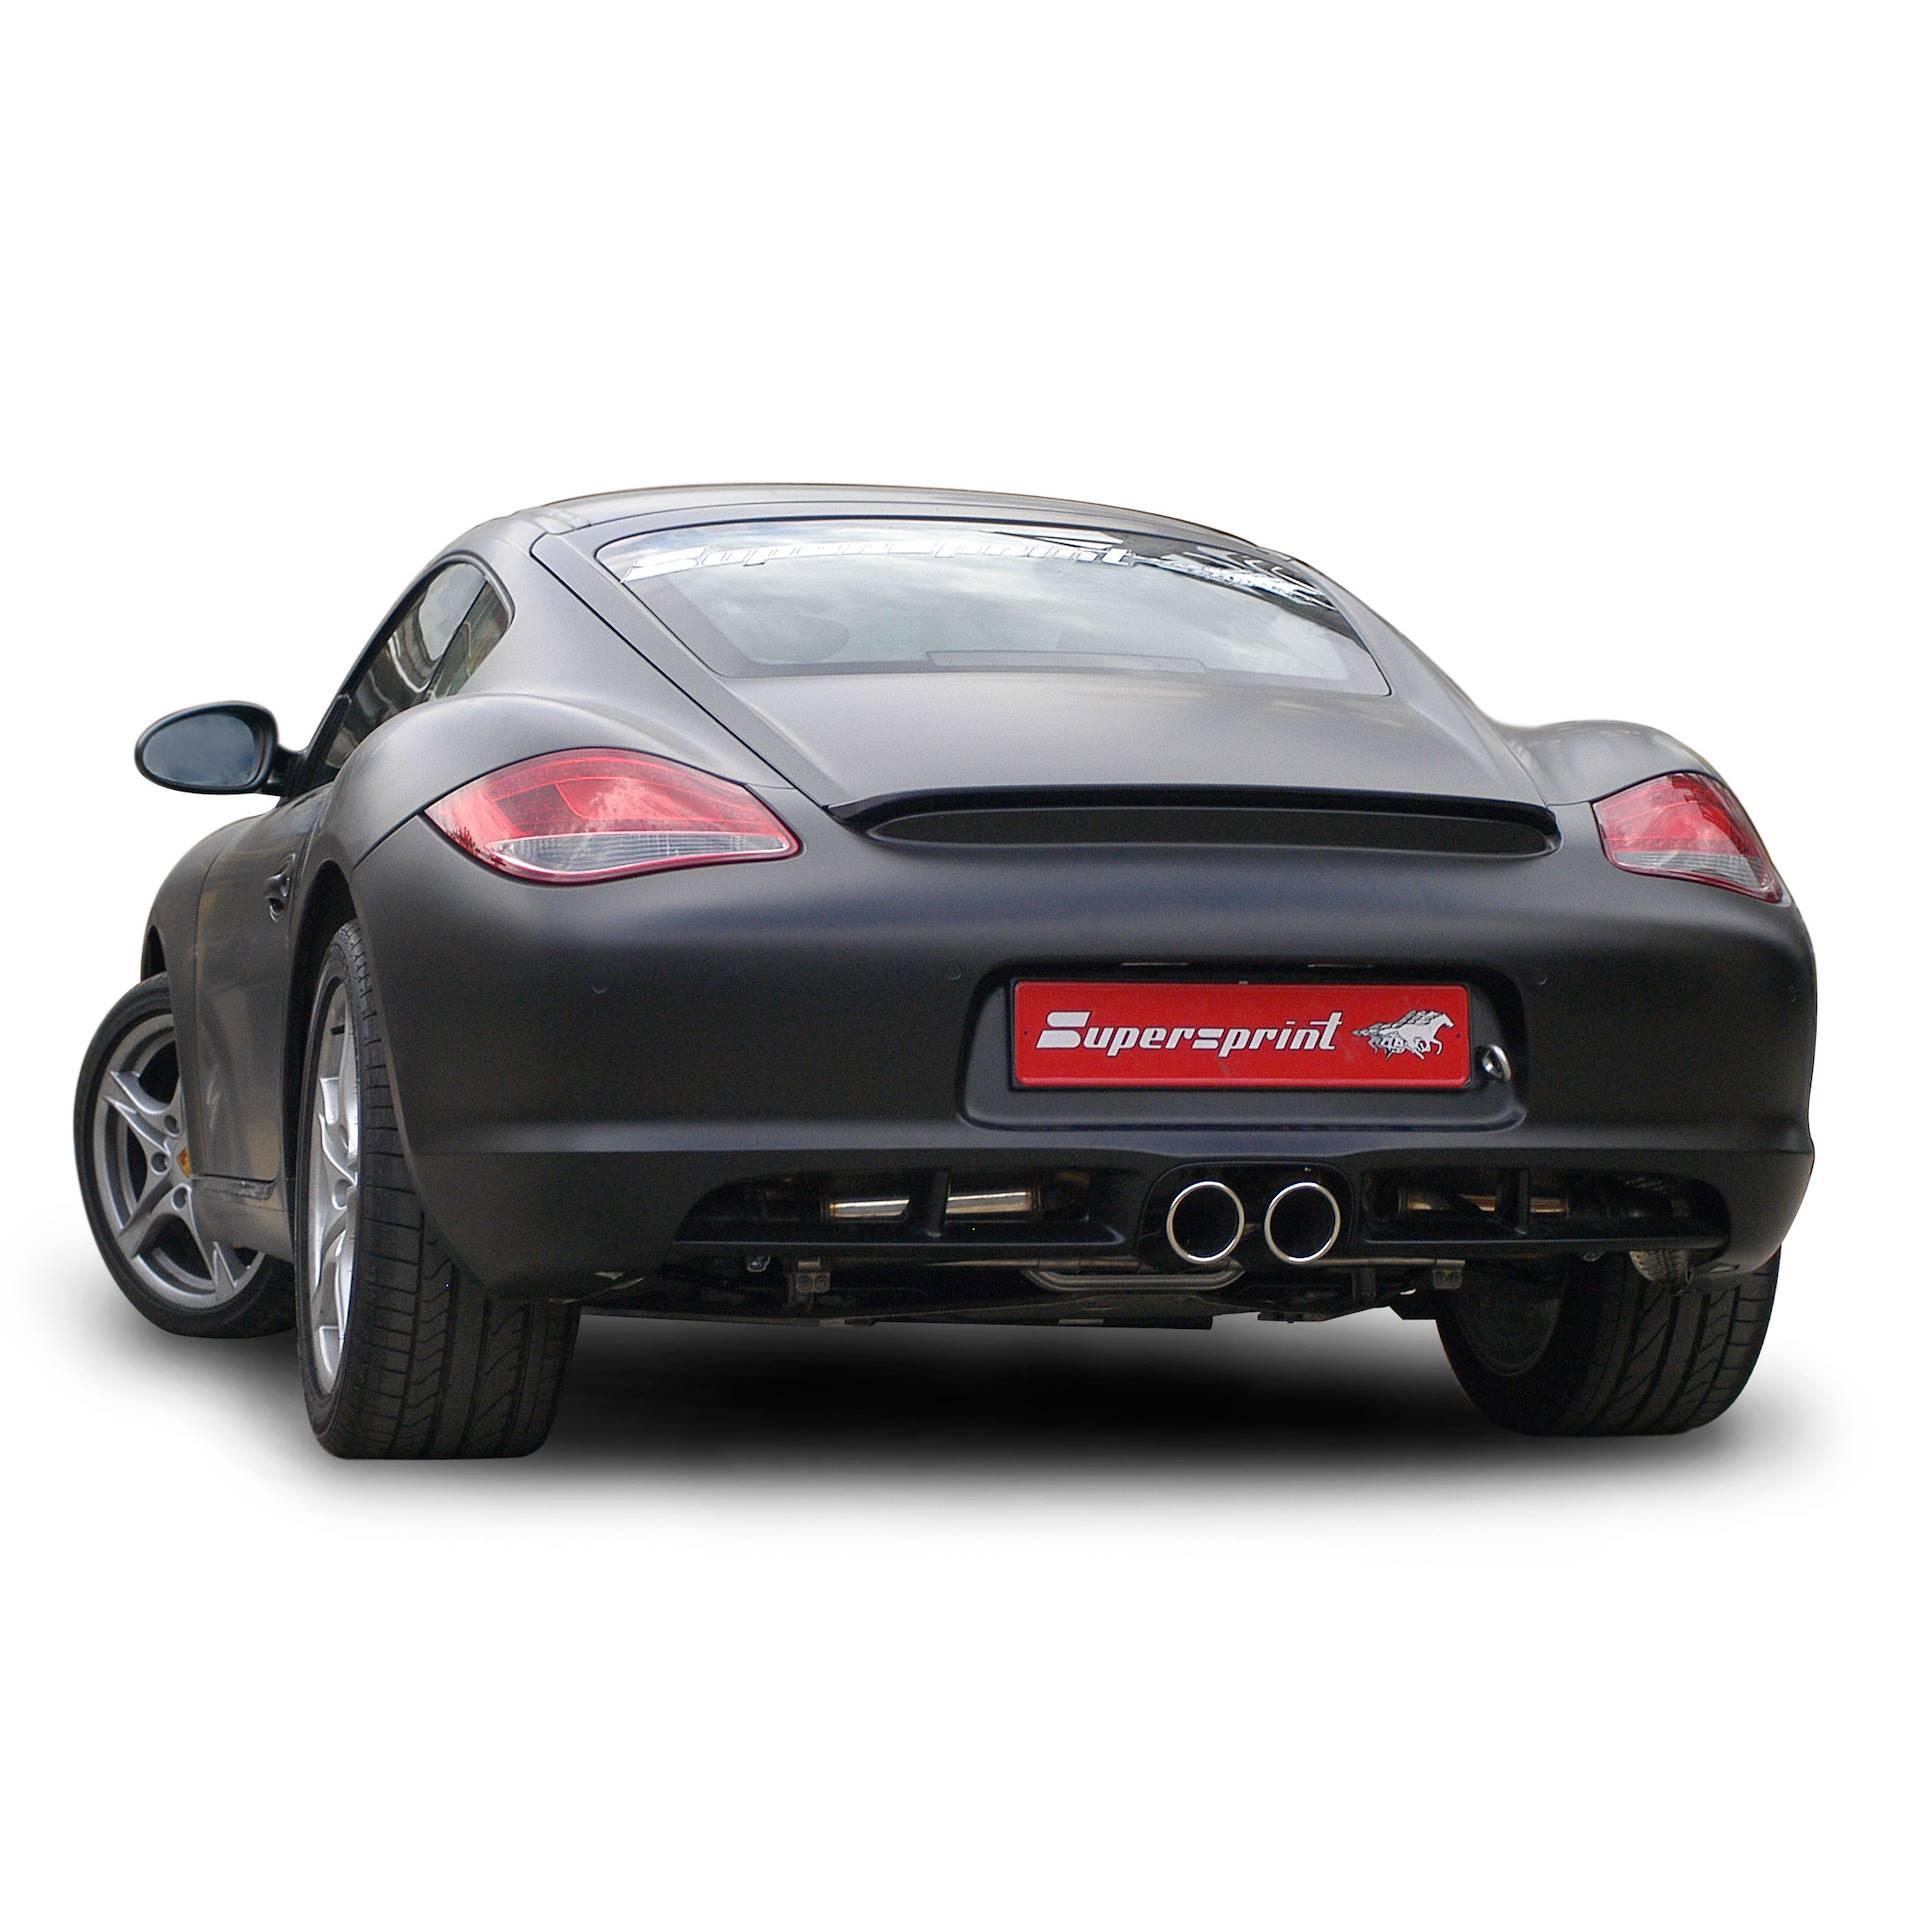 Porsche Cayman: Performance Sport Exhaust For Porsche 987 Cayman S 320 Hp